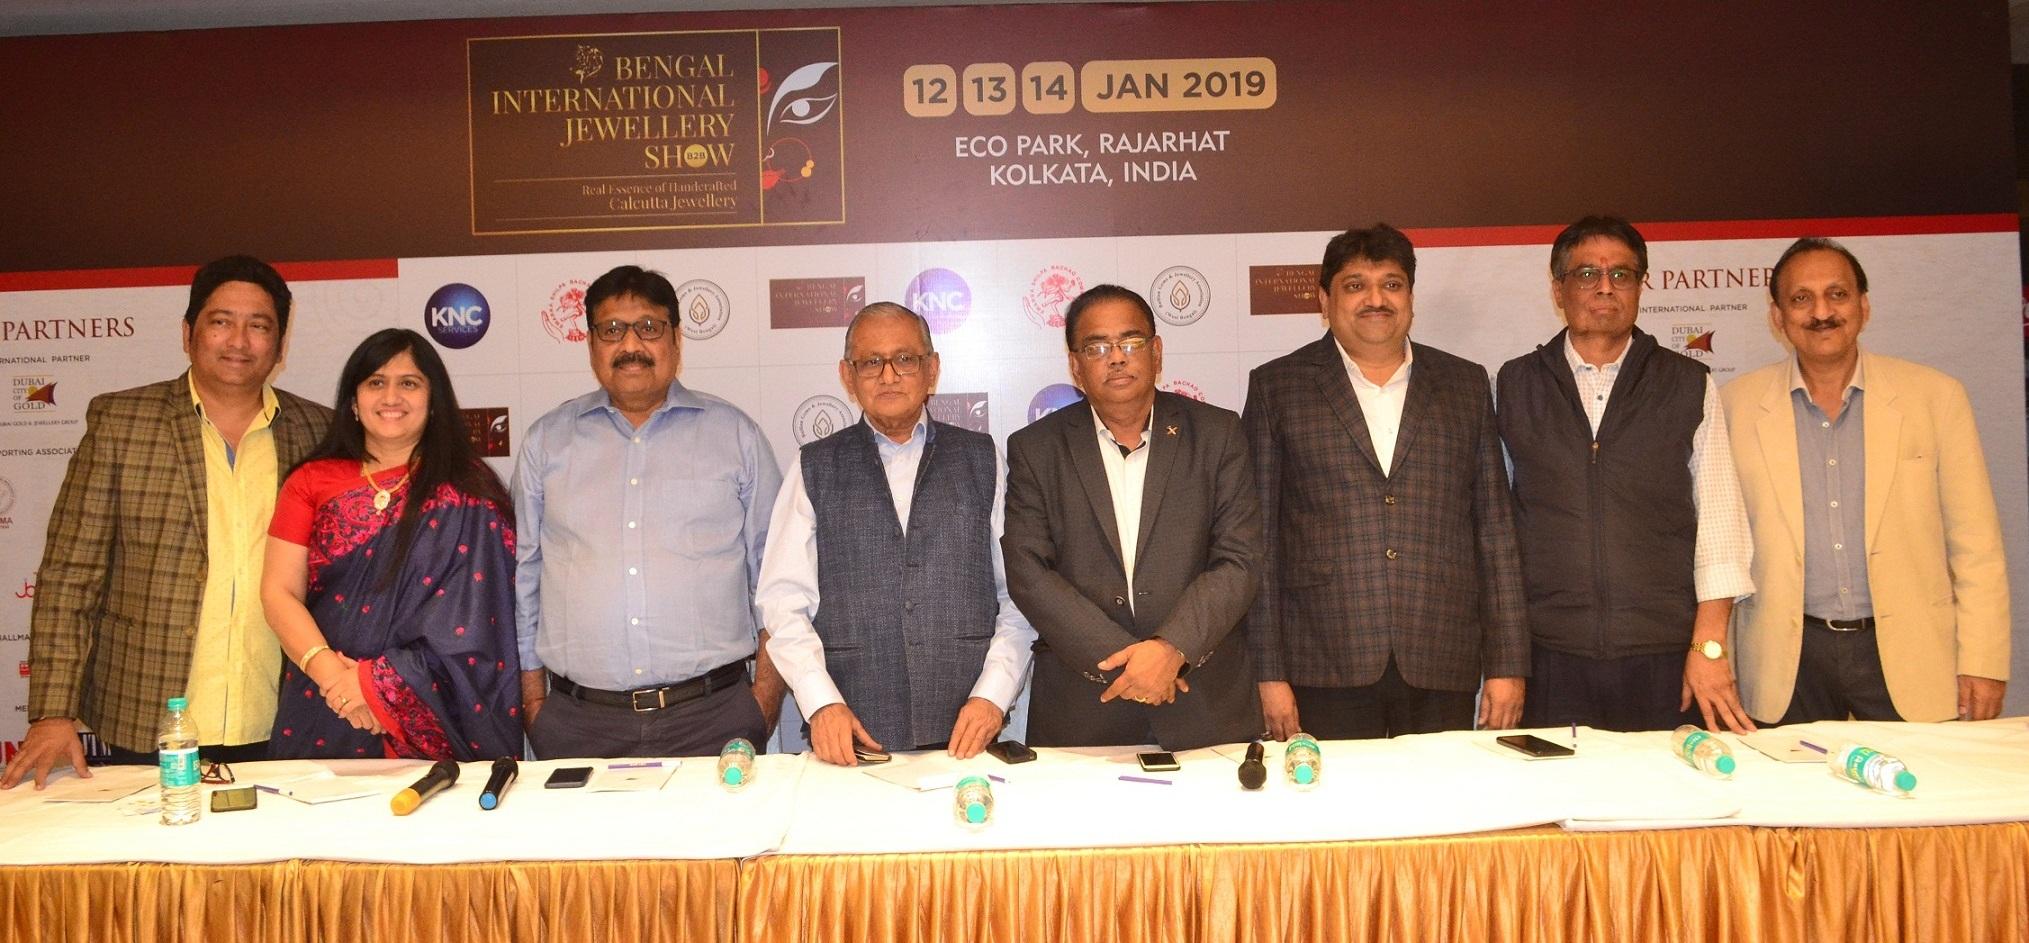 Kolkata's first B2B International jewellery Event the Bengal International Jewellery Show 2019